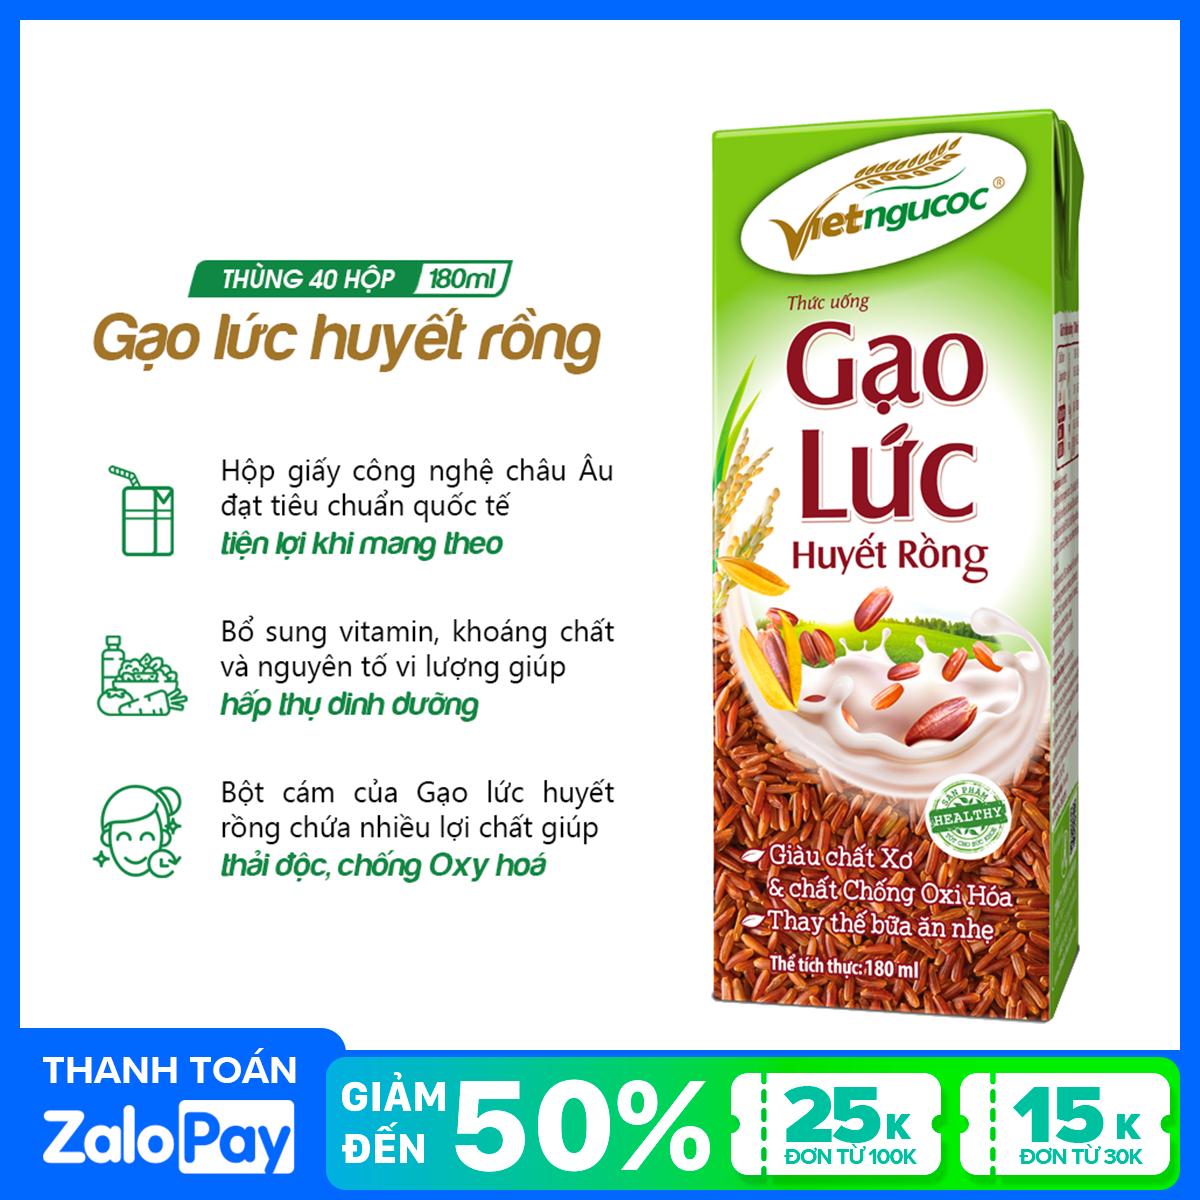 Thùng 40 hộp Thức uống Gạo lức huyết rồng Việt Ngũ Cốc – 180ml/hộp